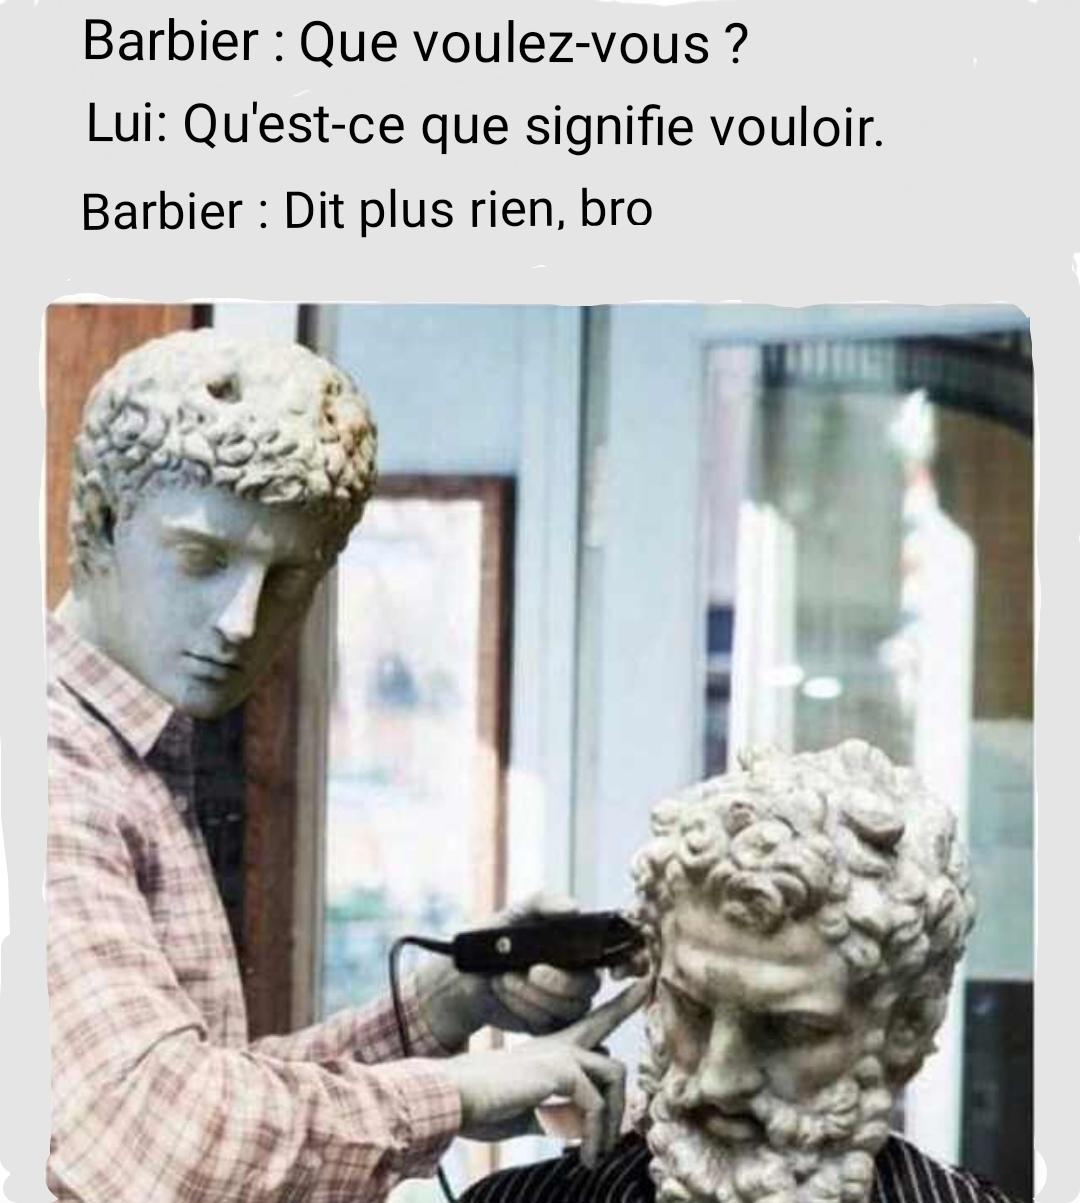 L'art de la sculpture romaine ! Que de plaisir - meme